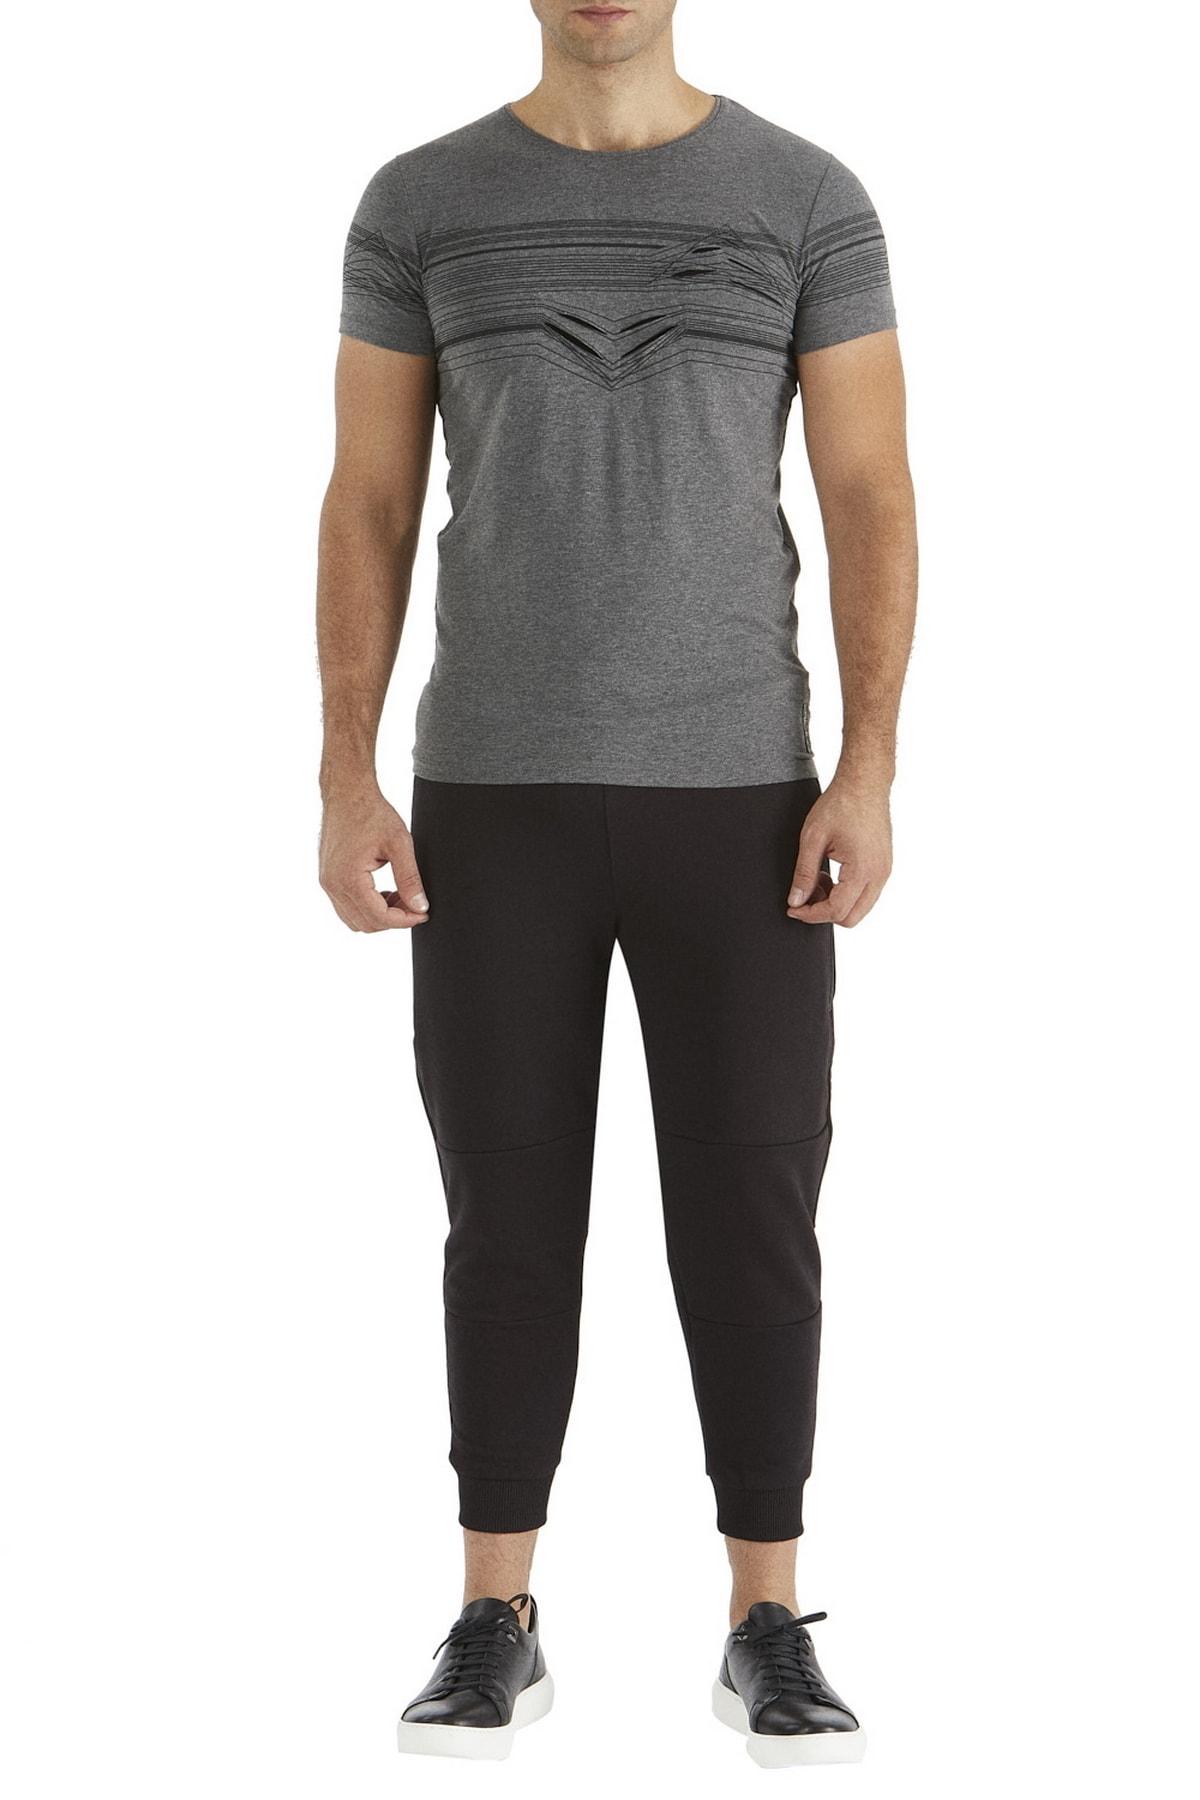 Efor Atp 01 Rahat Kesim Siyah Spor Pantolon 1